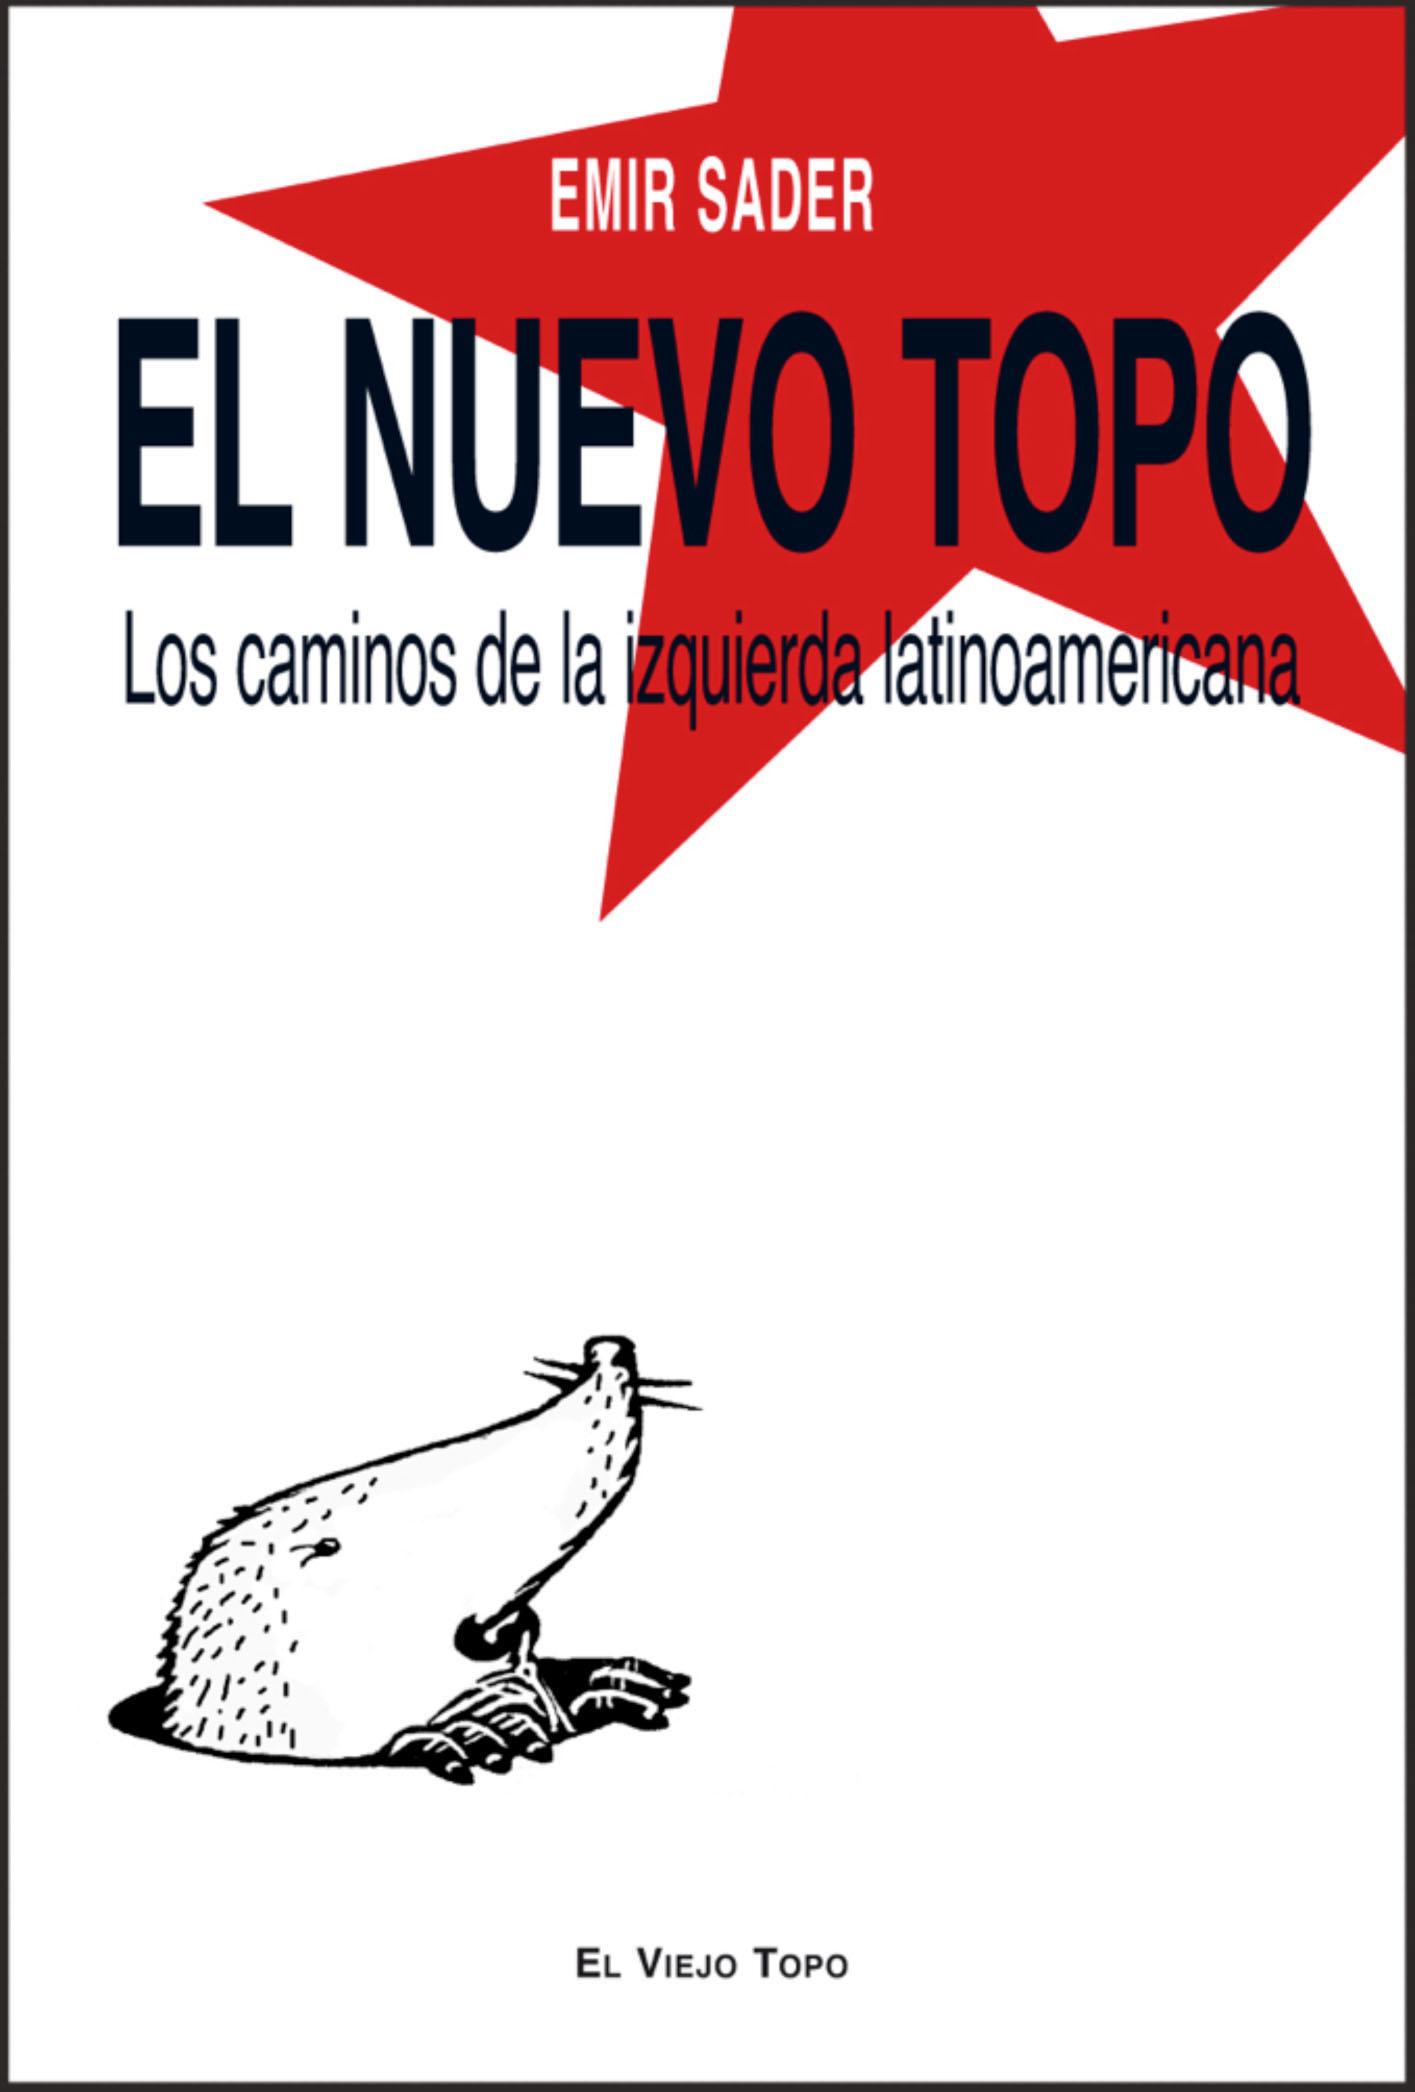 EL NUEVO TOPO : LOS CAMINOS DE LA IZQUIERDA LATINOAMERICANA